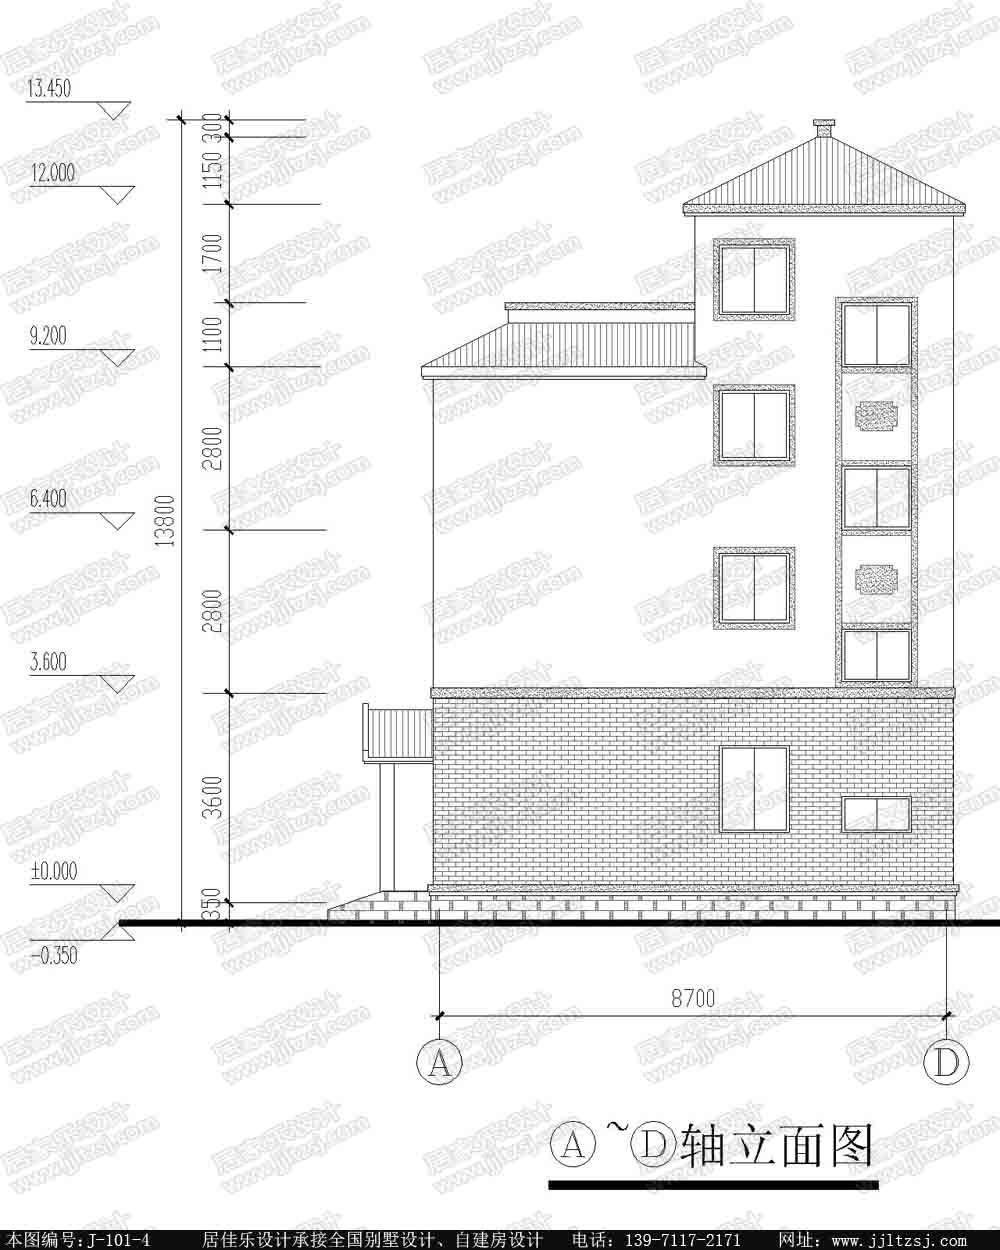 新农村自建房四层房屋设计图纸(带露台阳台)-居佳乐